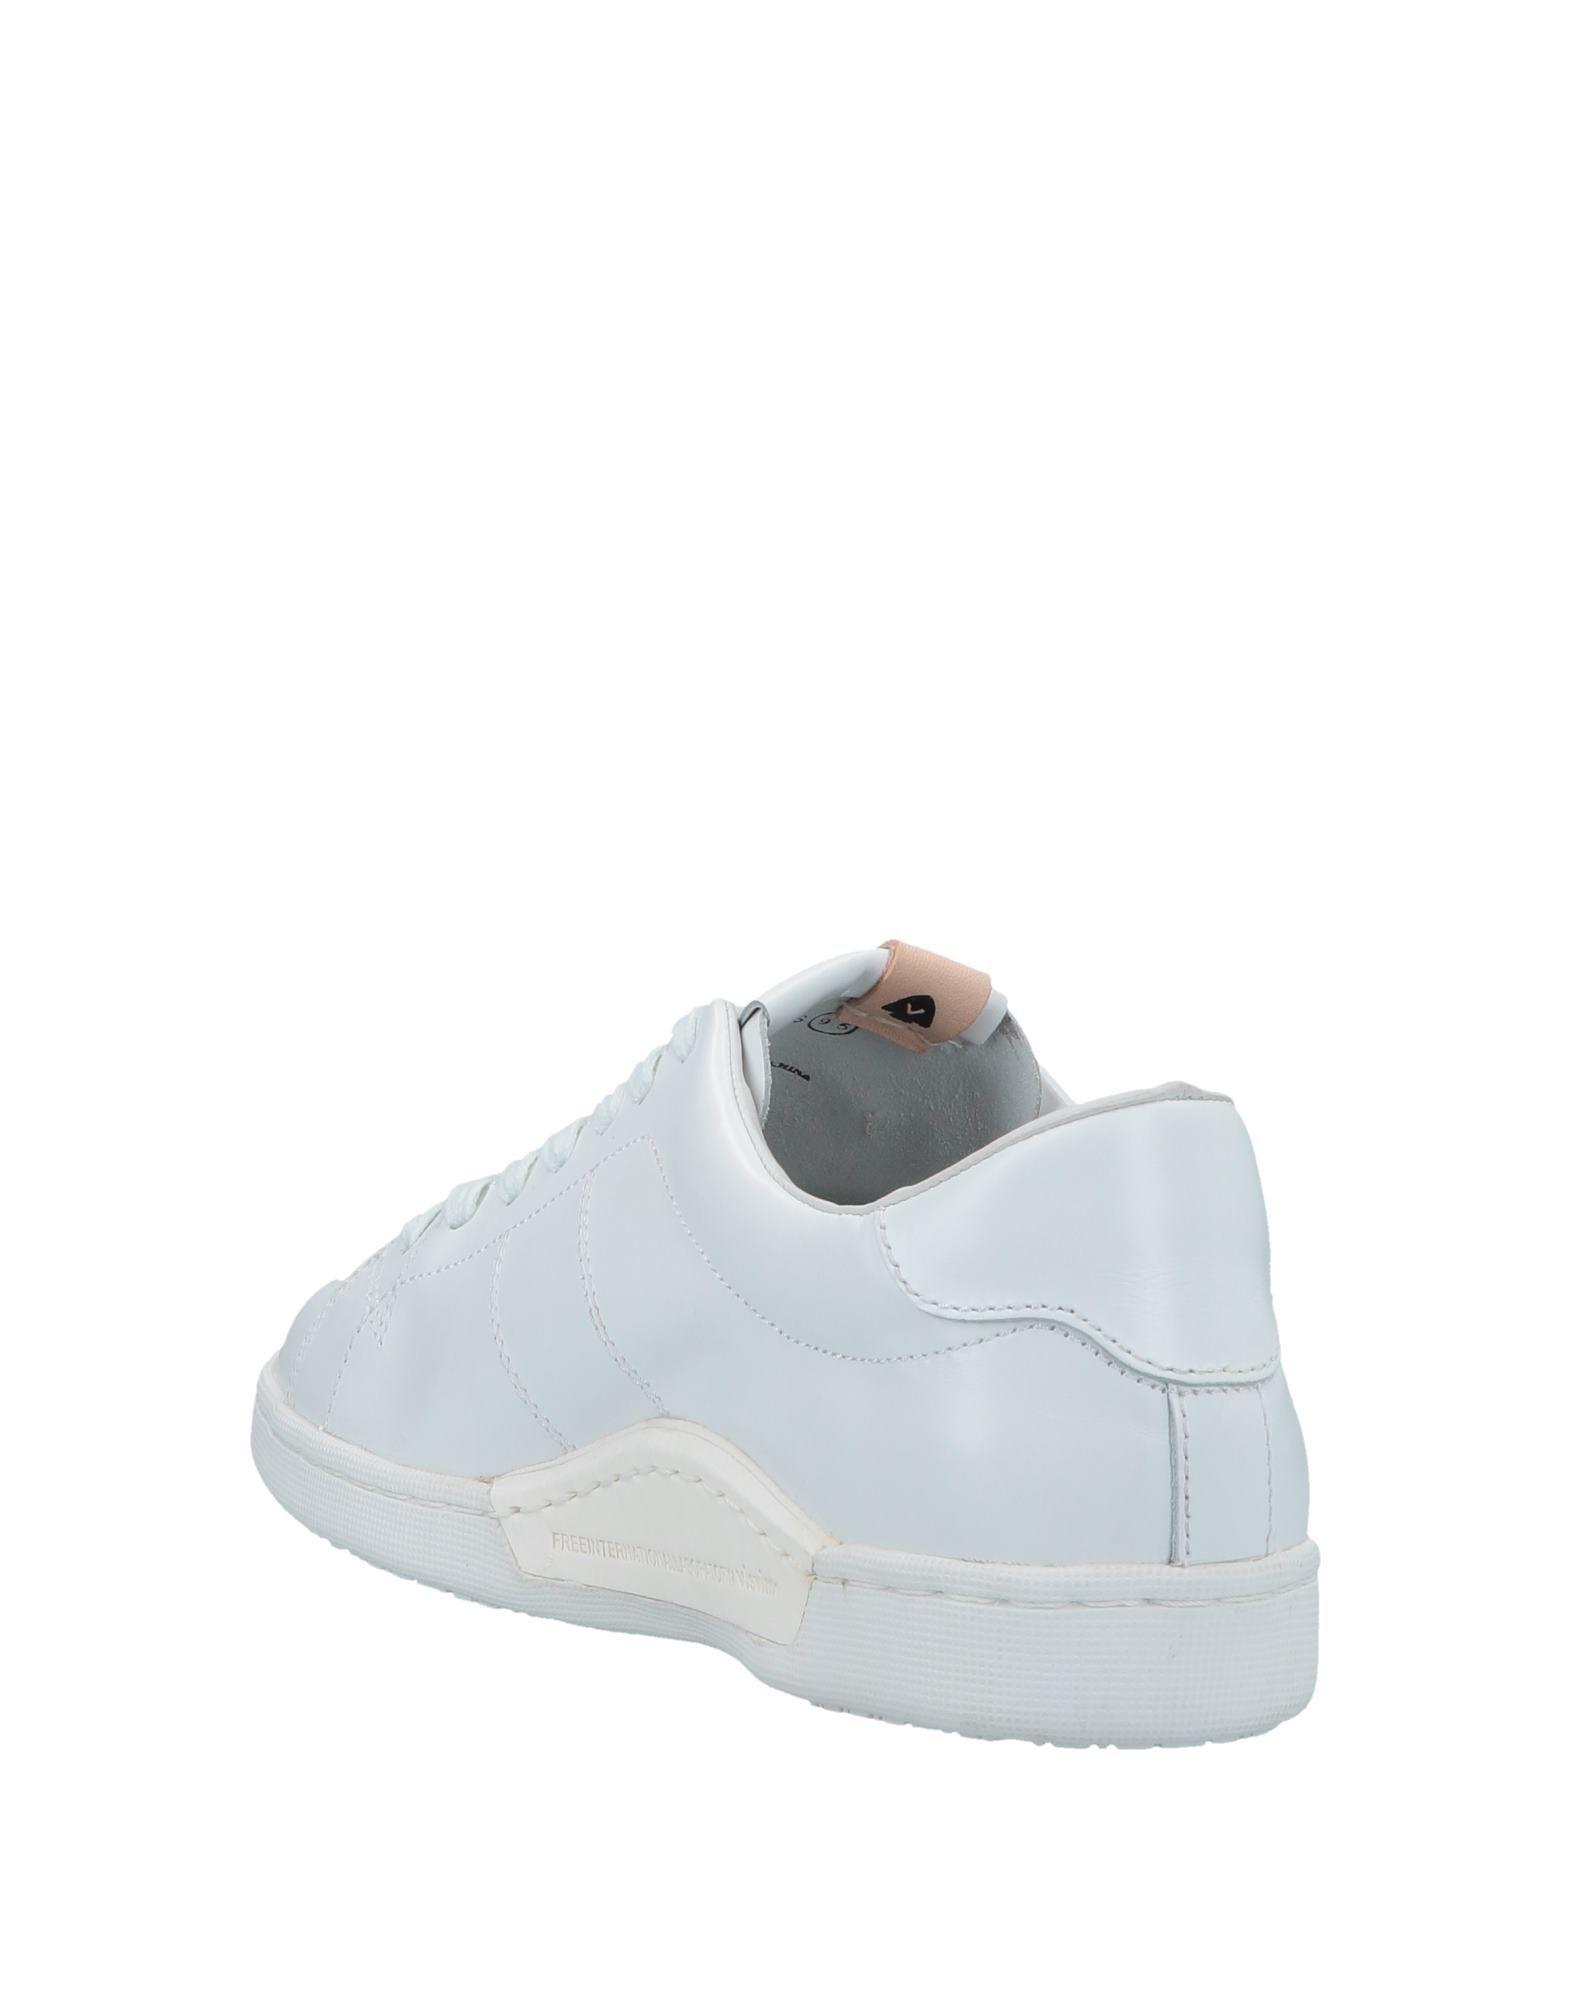 Visvim Visvim Visvim Sneakers Herren Gutes Preis-Leistungs-Verhältnis, es lohnt sich a1082a